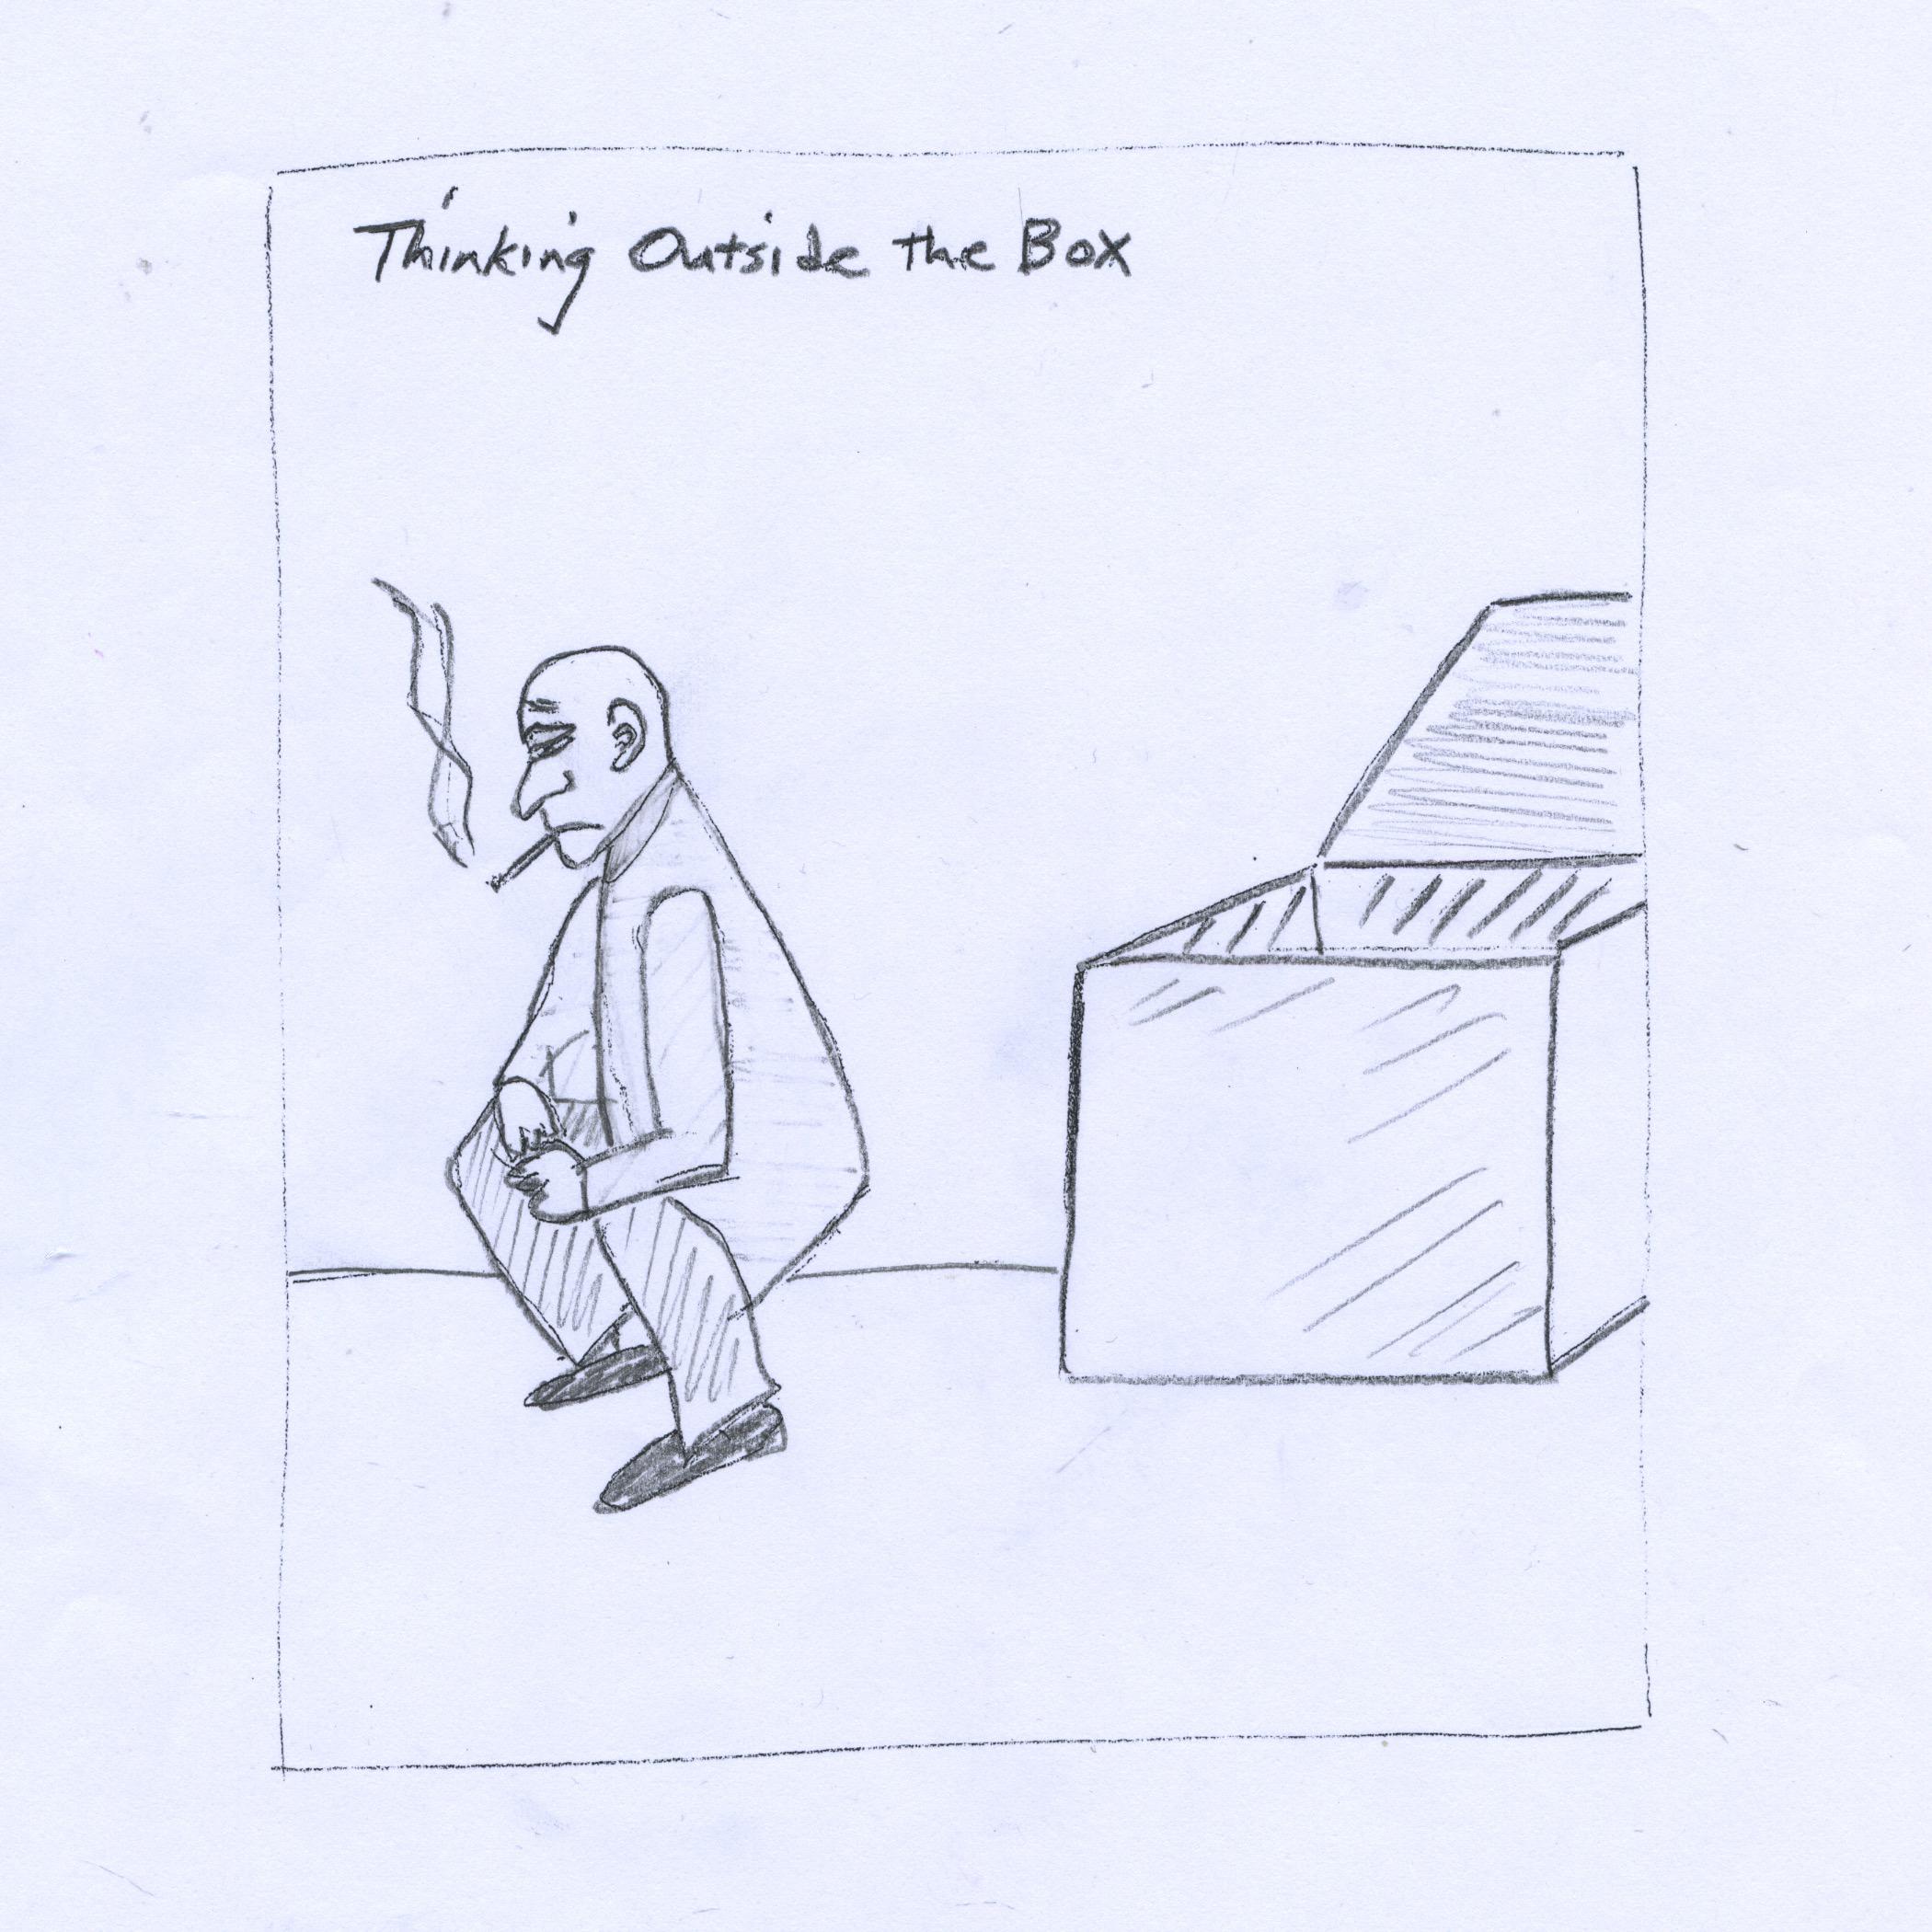 Thinking outside the box.jpeg